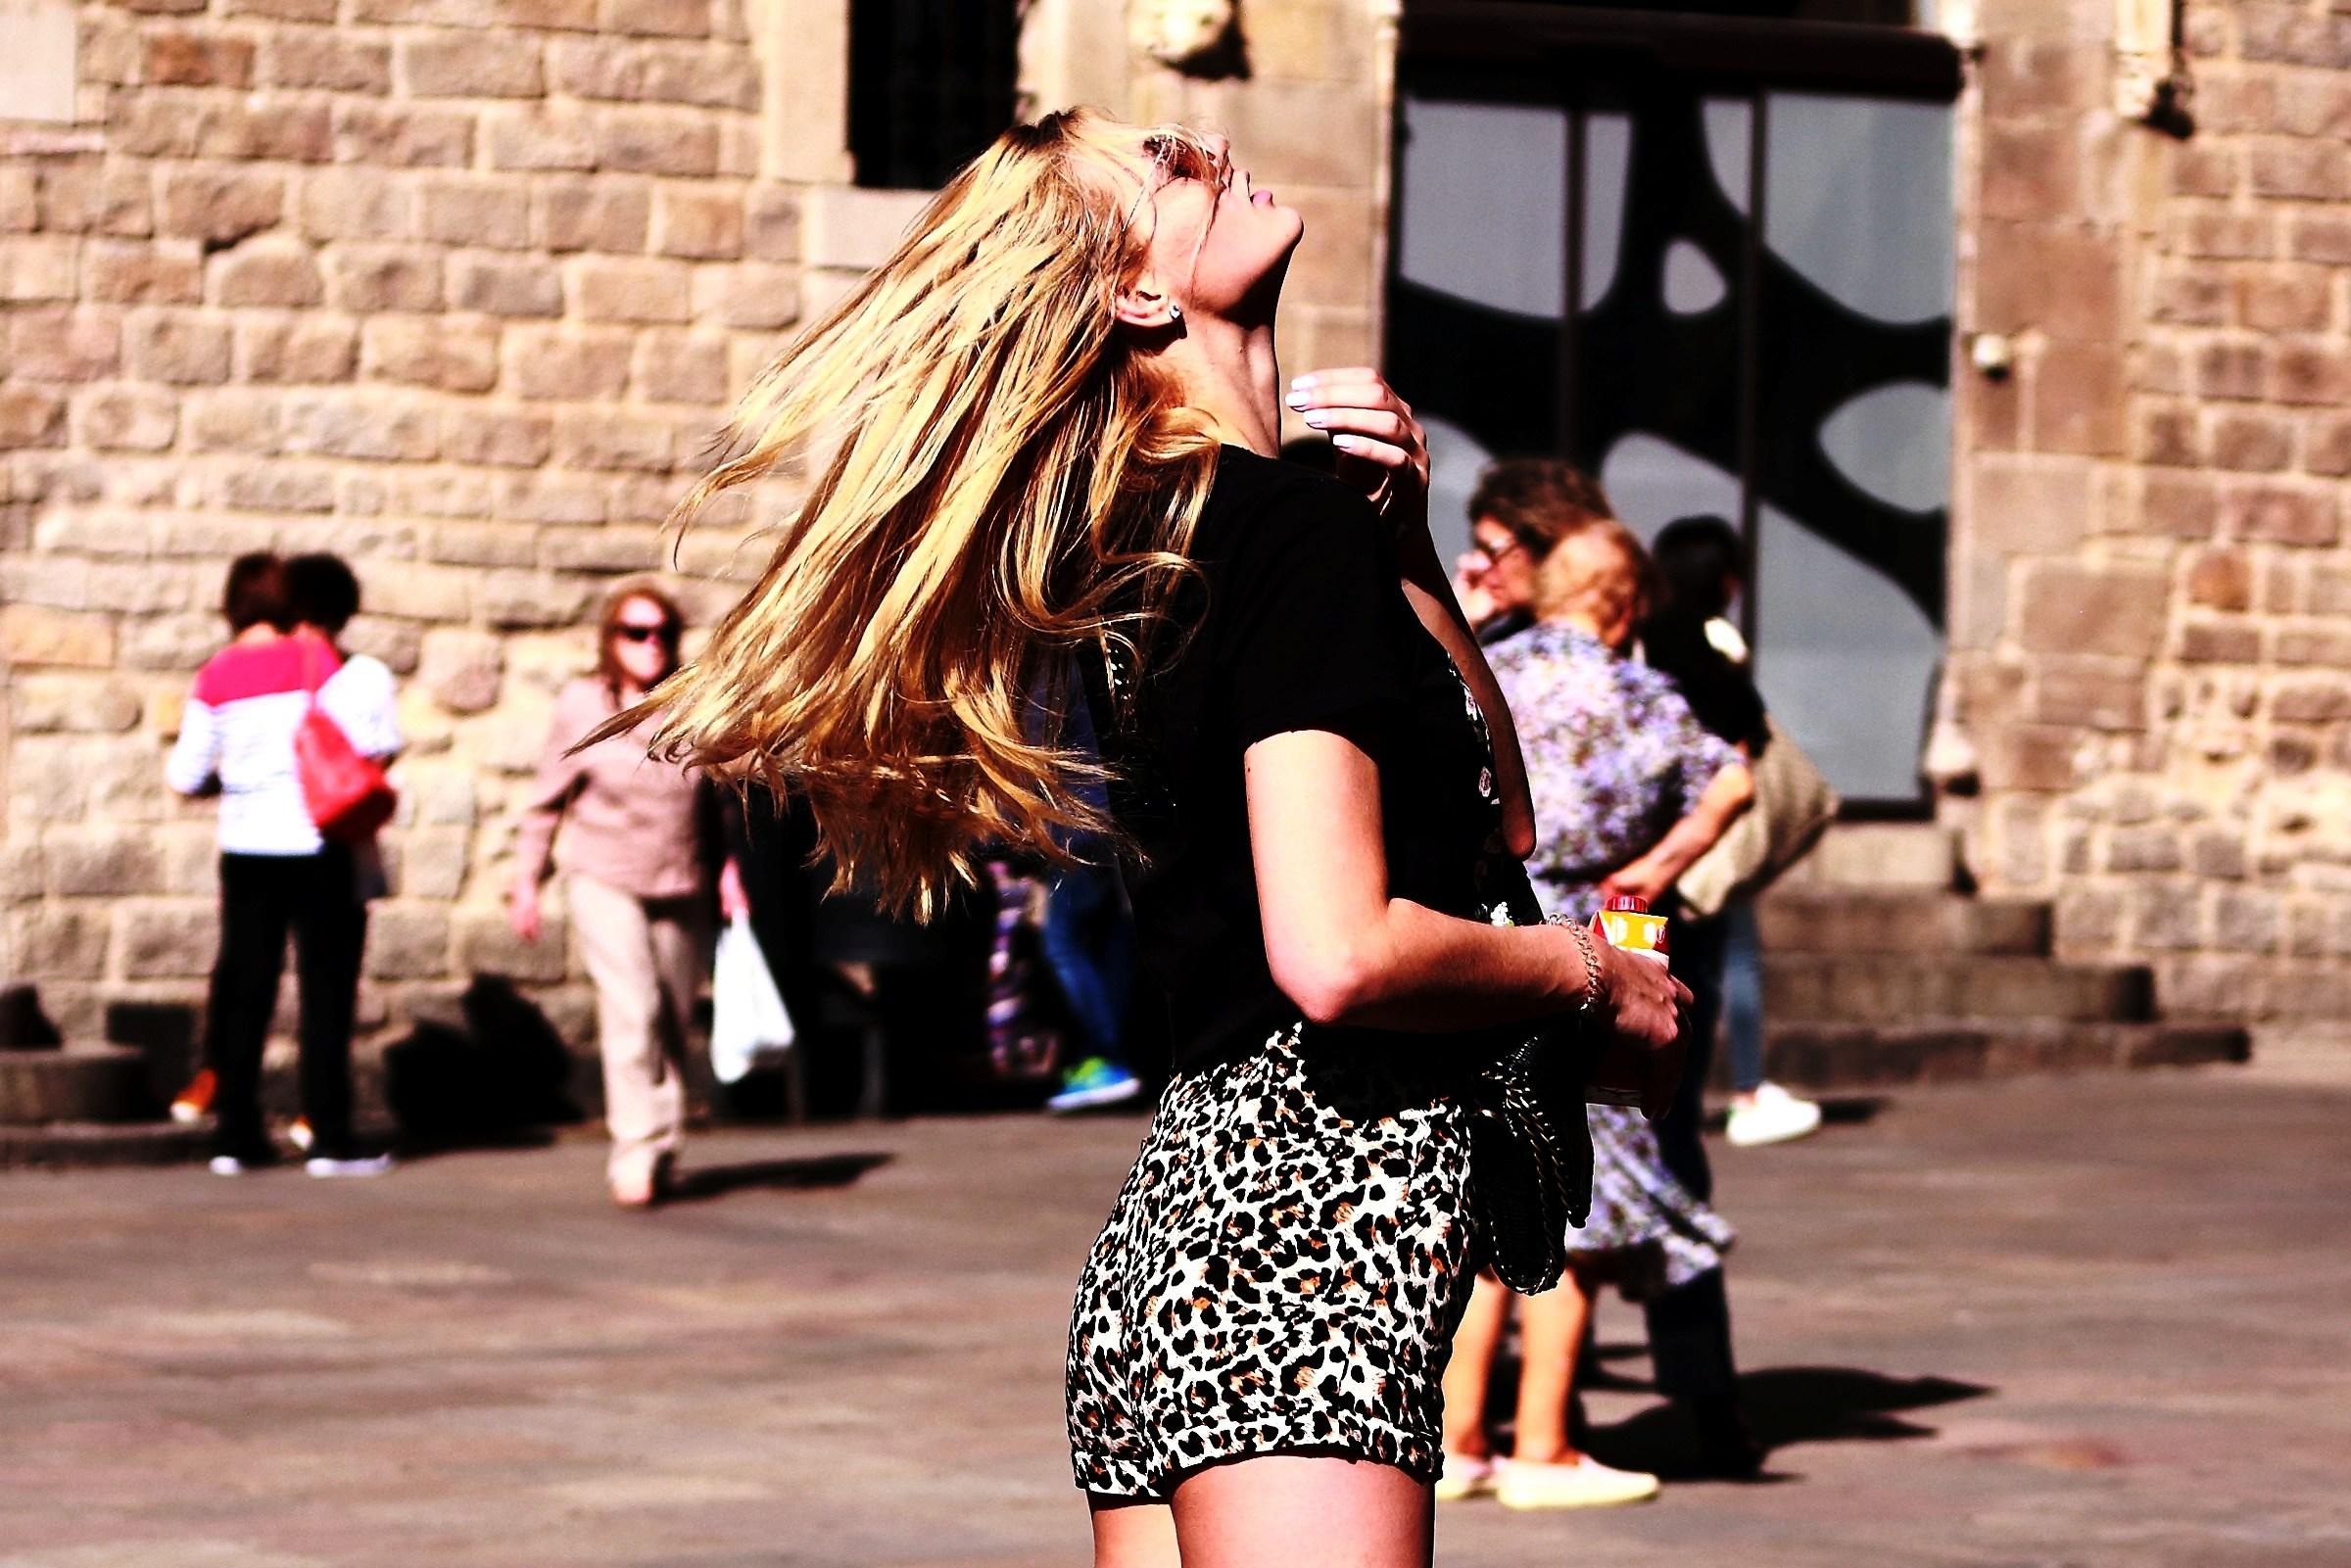 Barcellona: una ragazza dai lunghi capelli biondi...